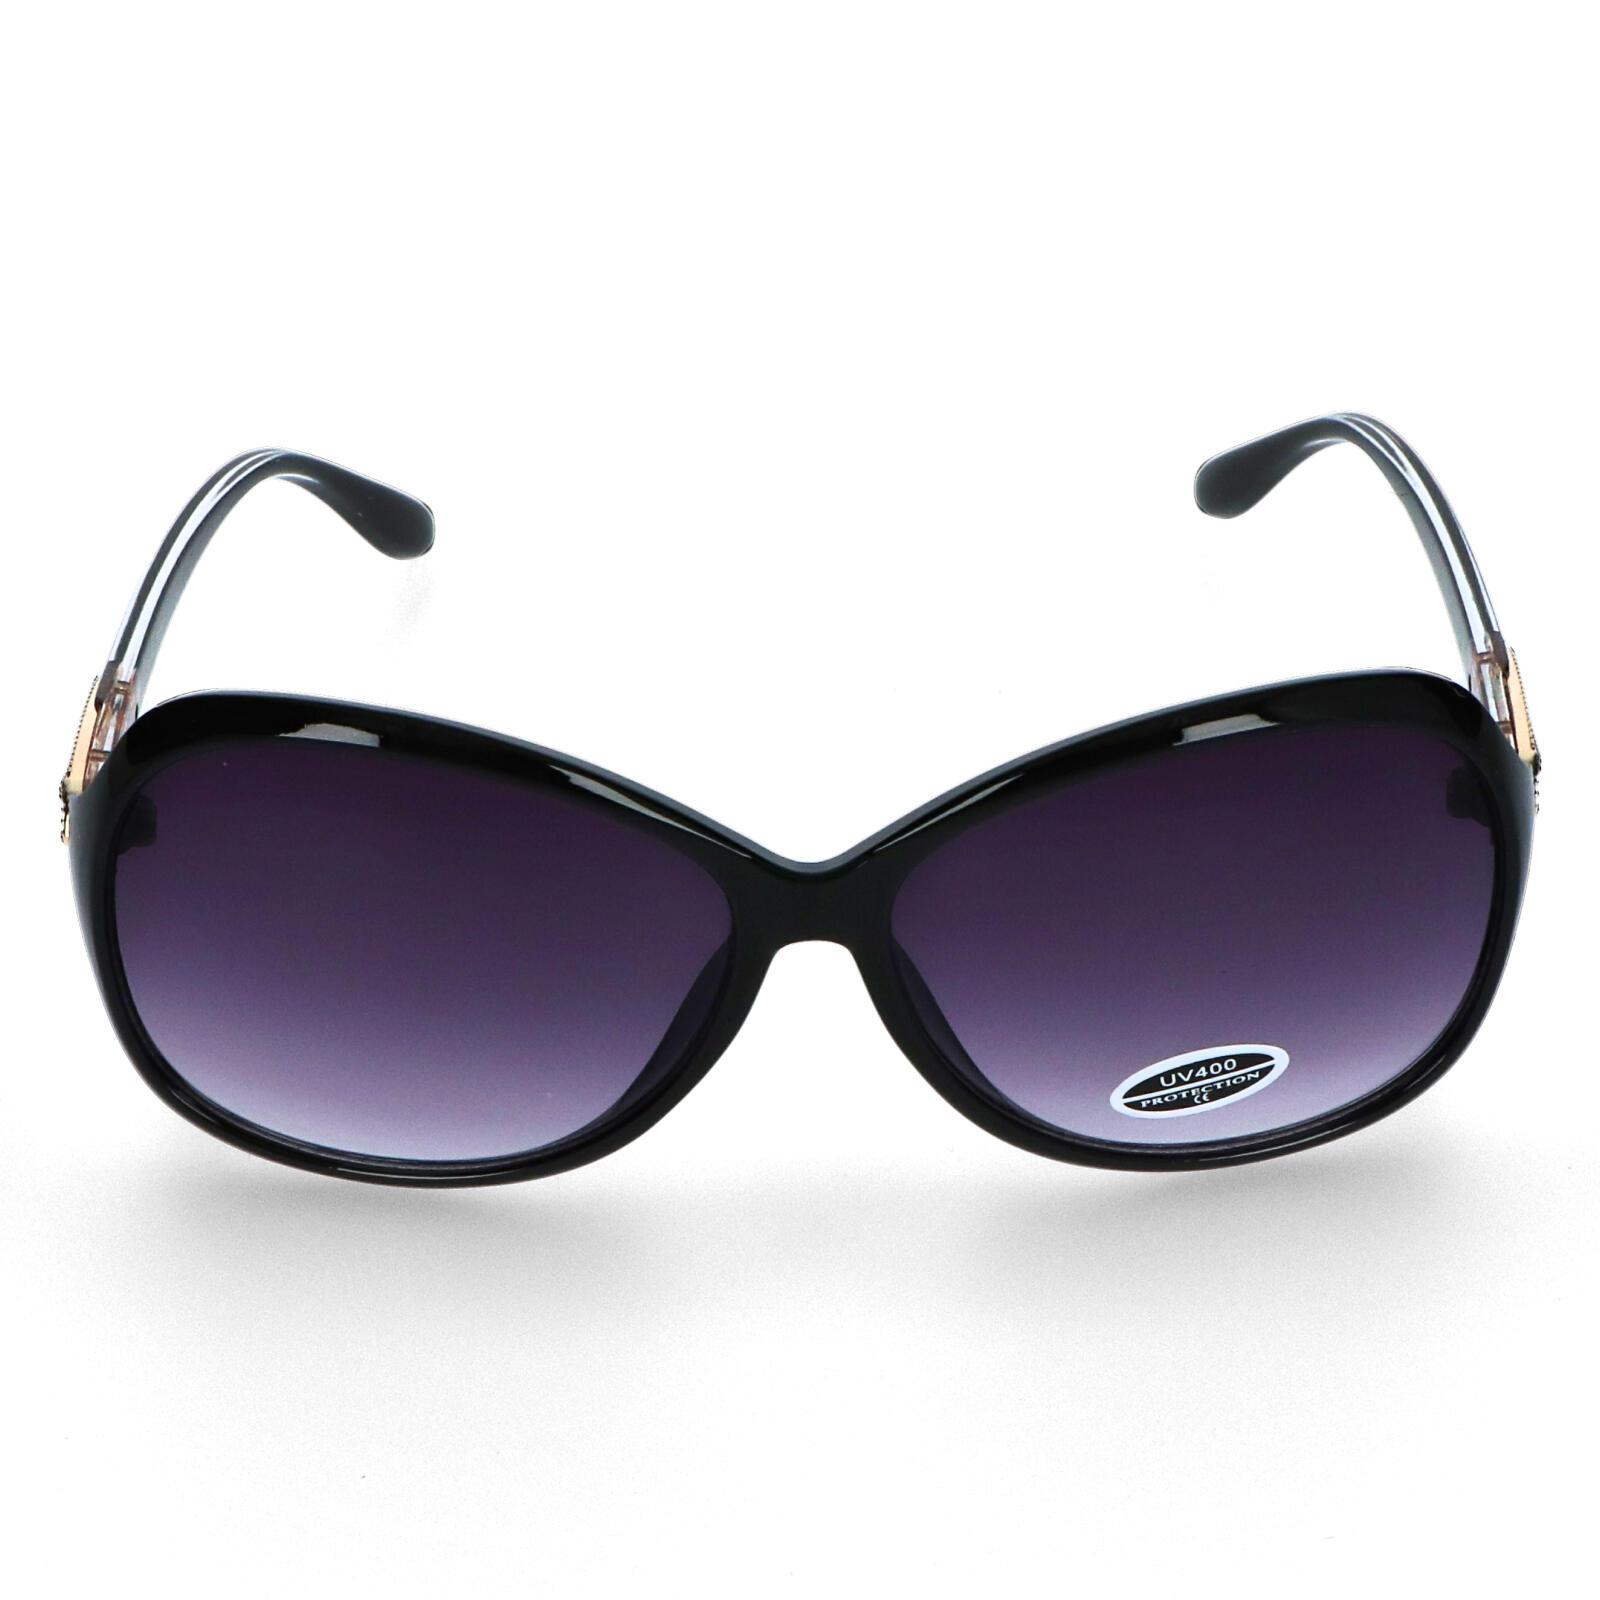 Dámske slnečné okuliare čierne - S0705